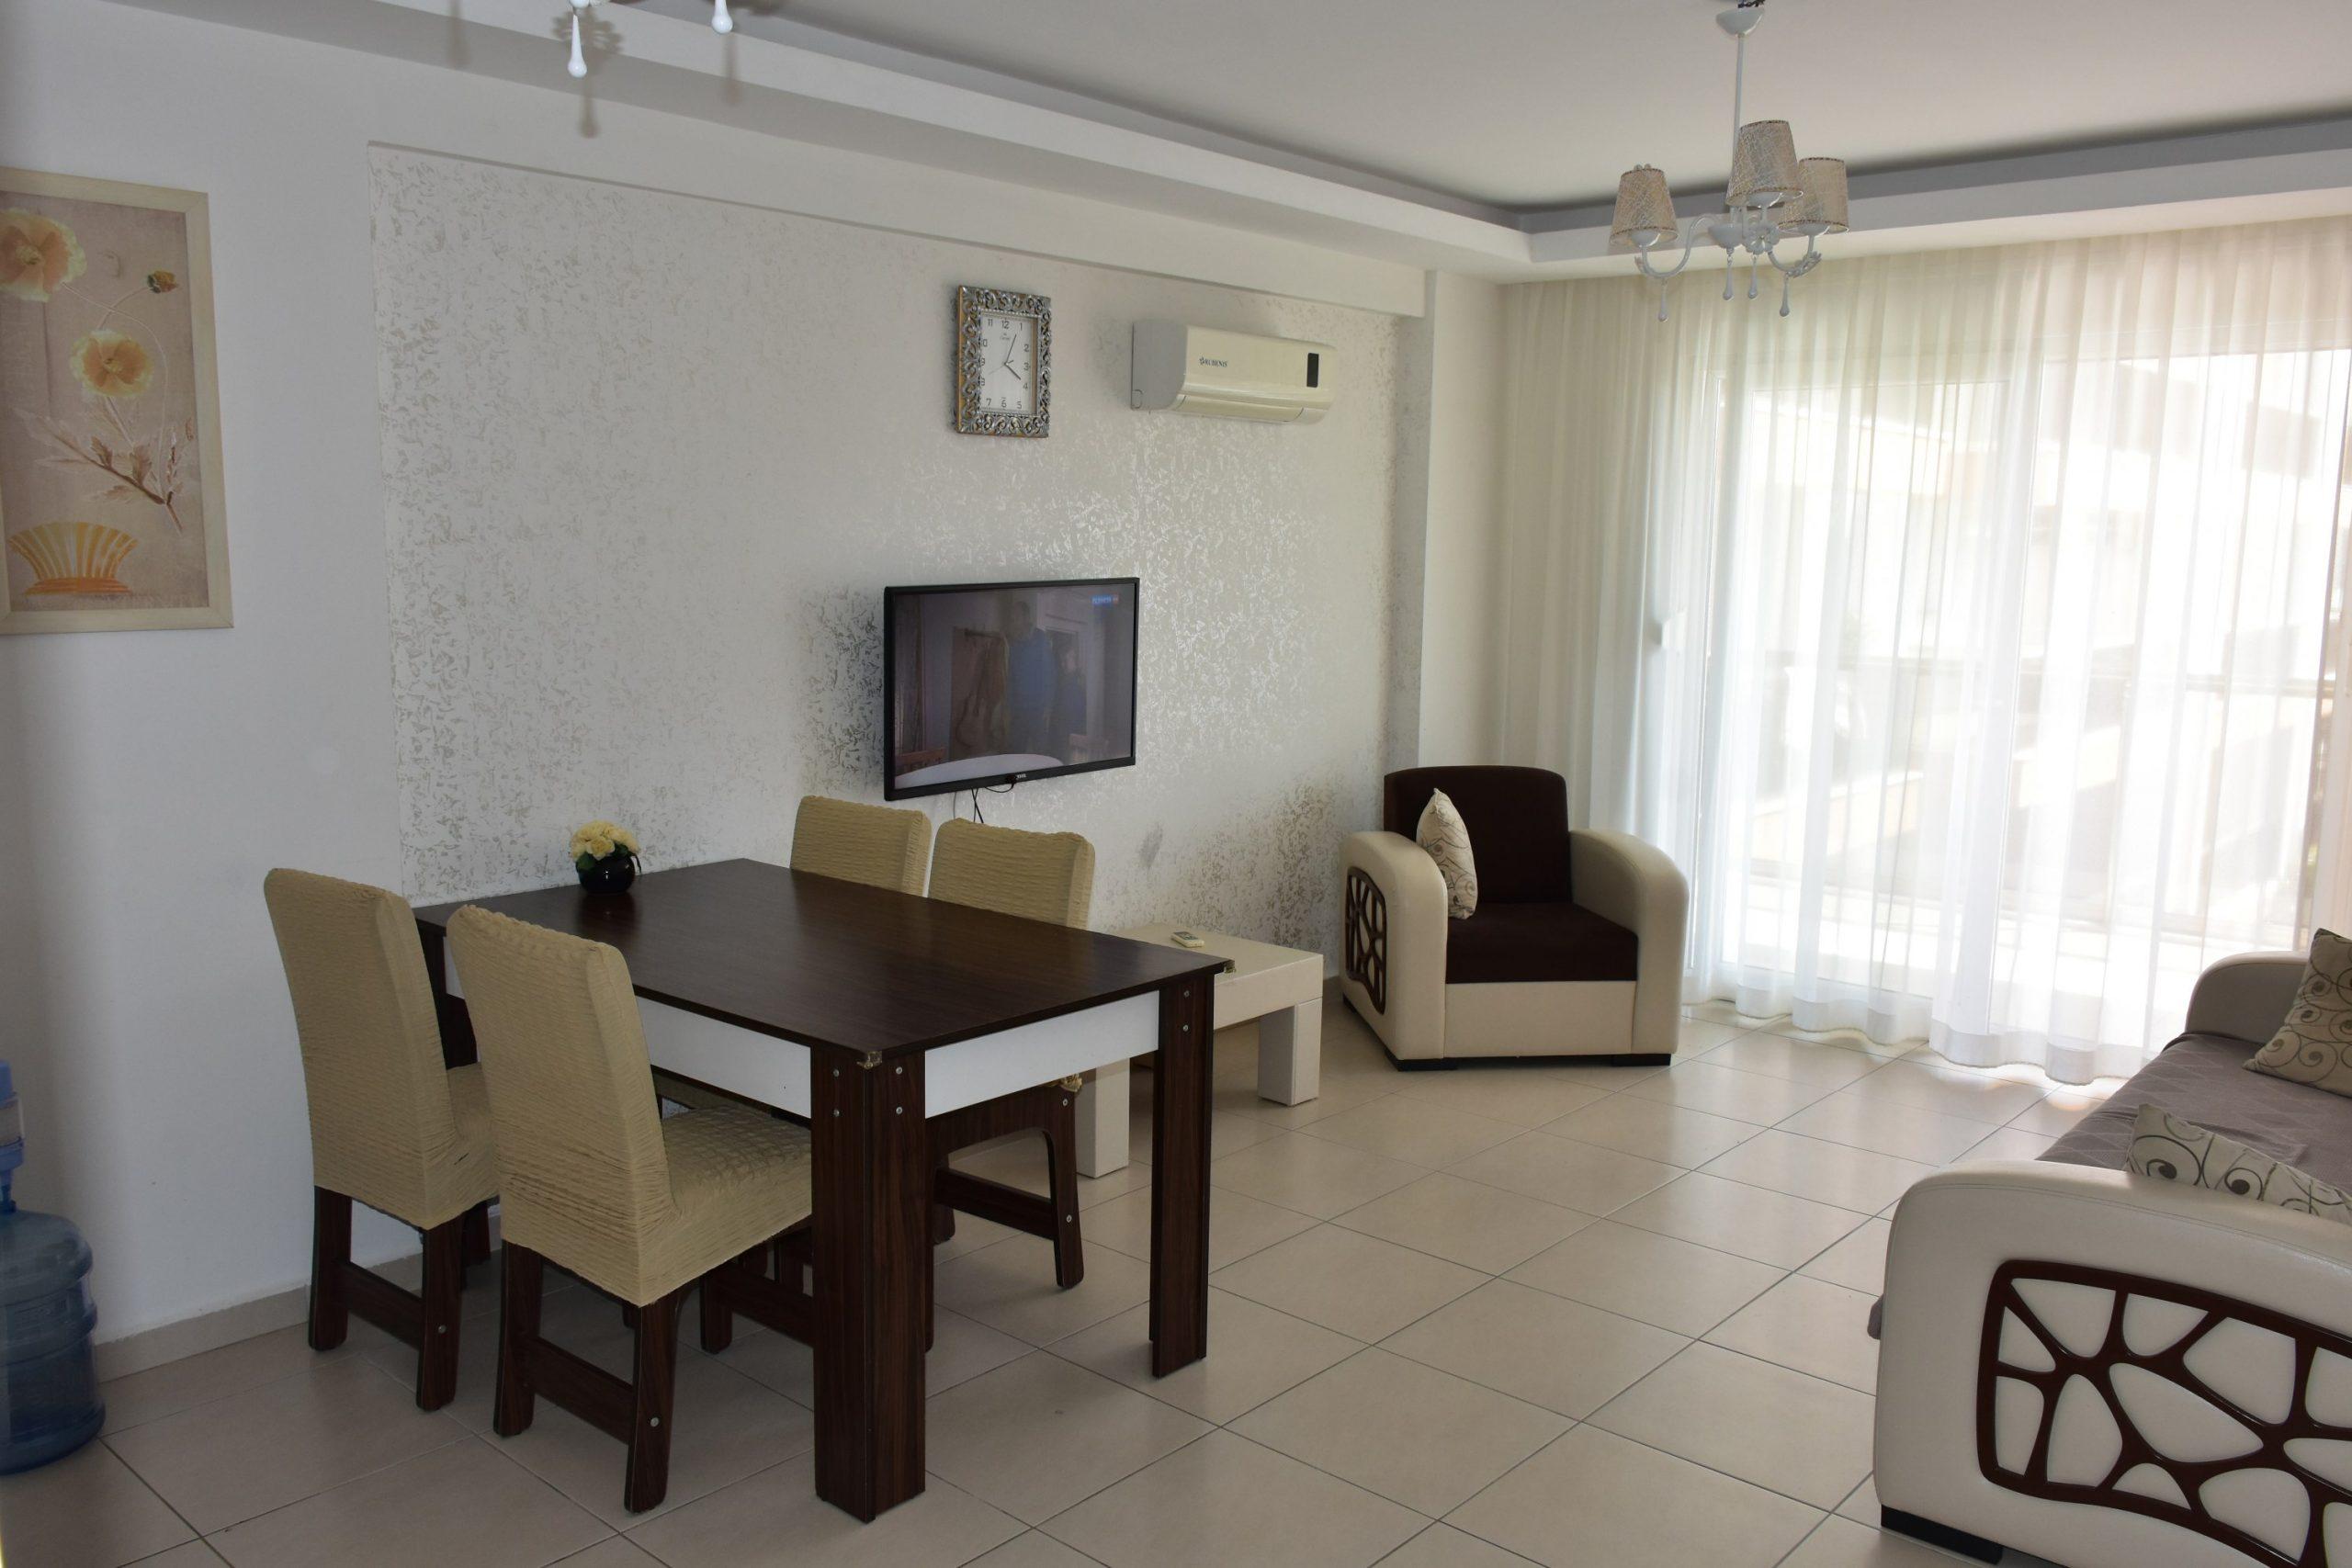 Двухкомнатная квартира с мебелью в посёлке Авсаллар - Фото 9